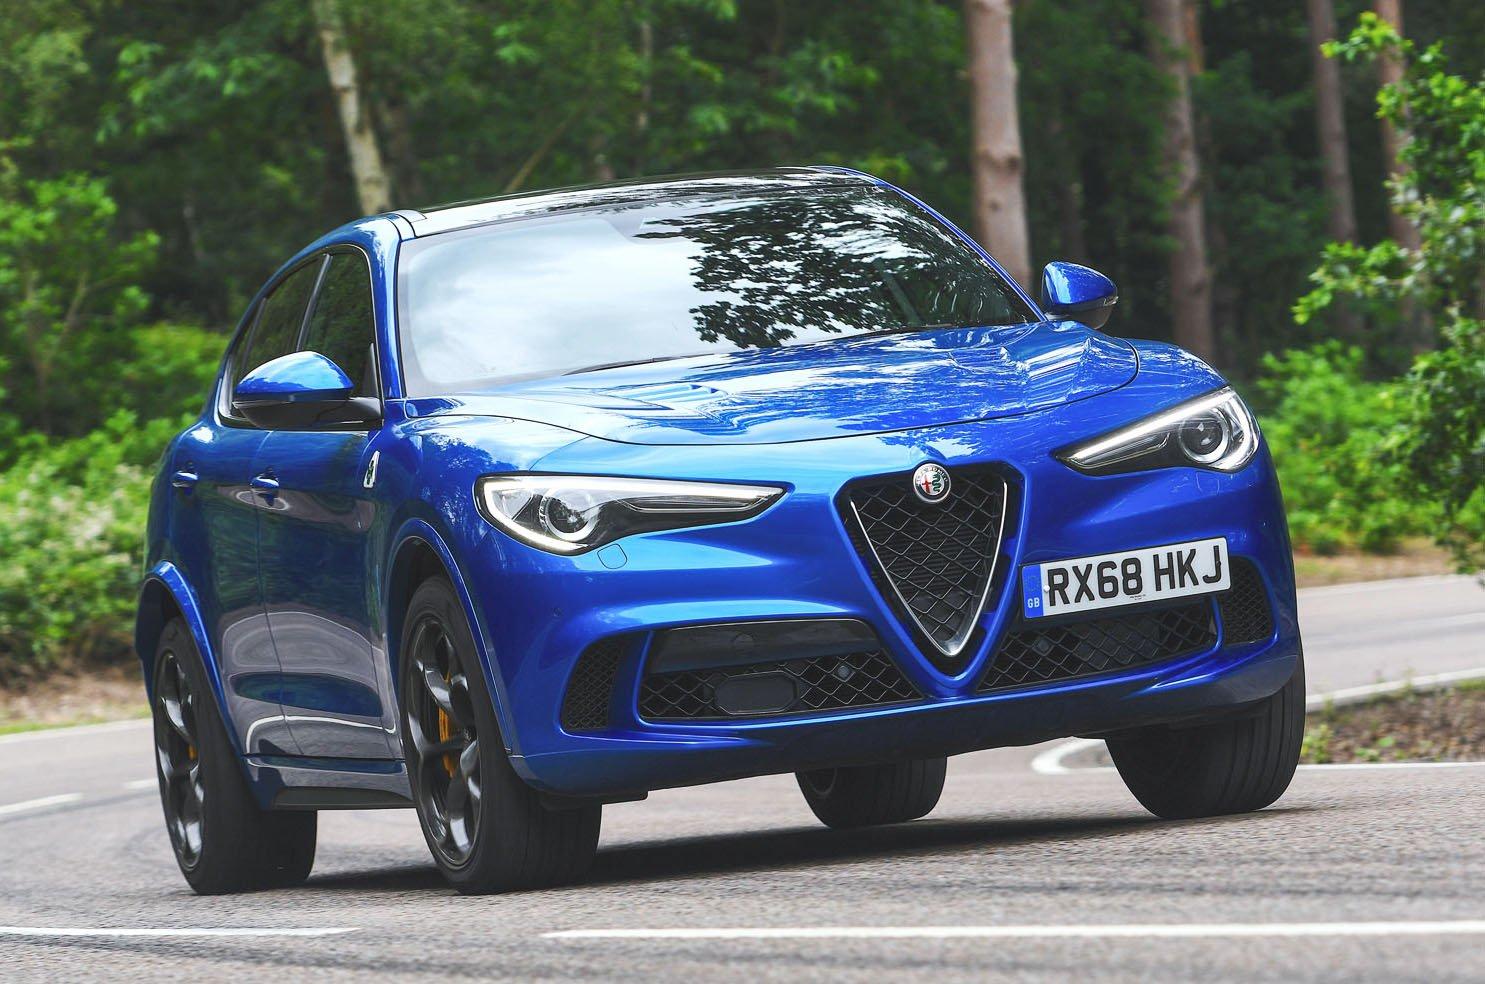 Alfa Romeo Stelvio Quadrifoglio front - blue